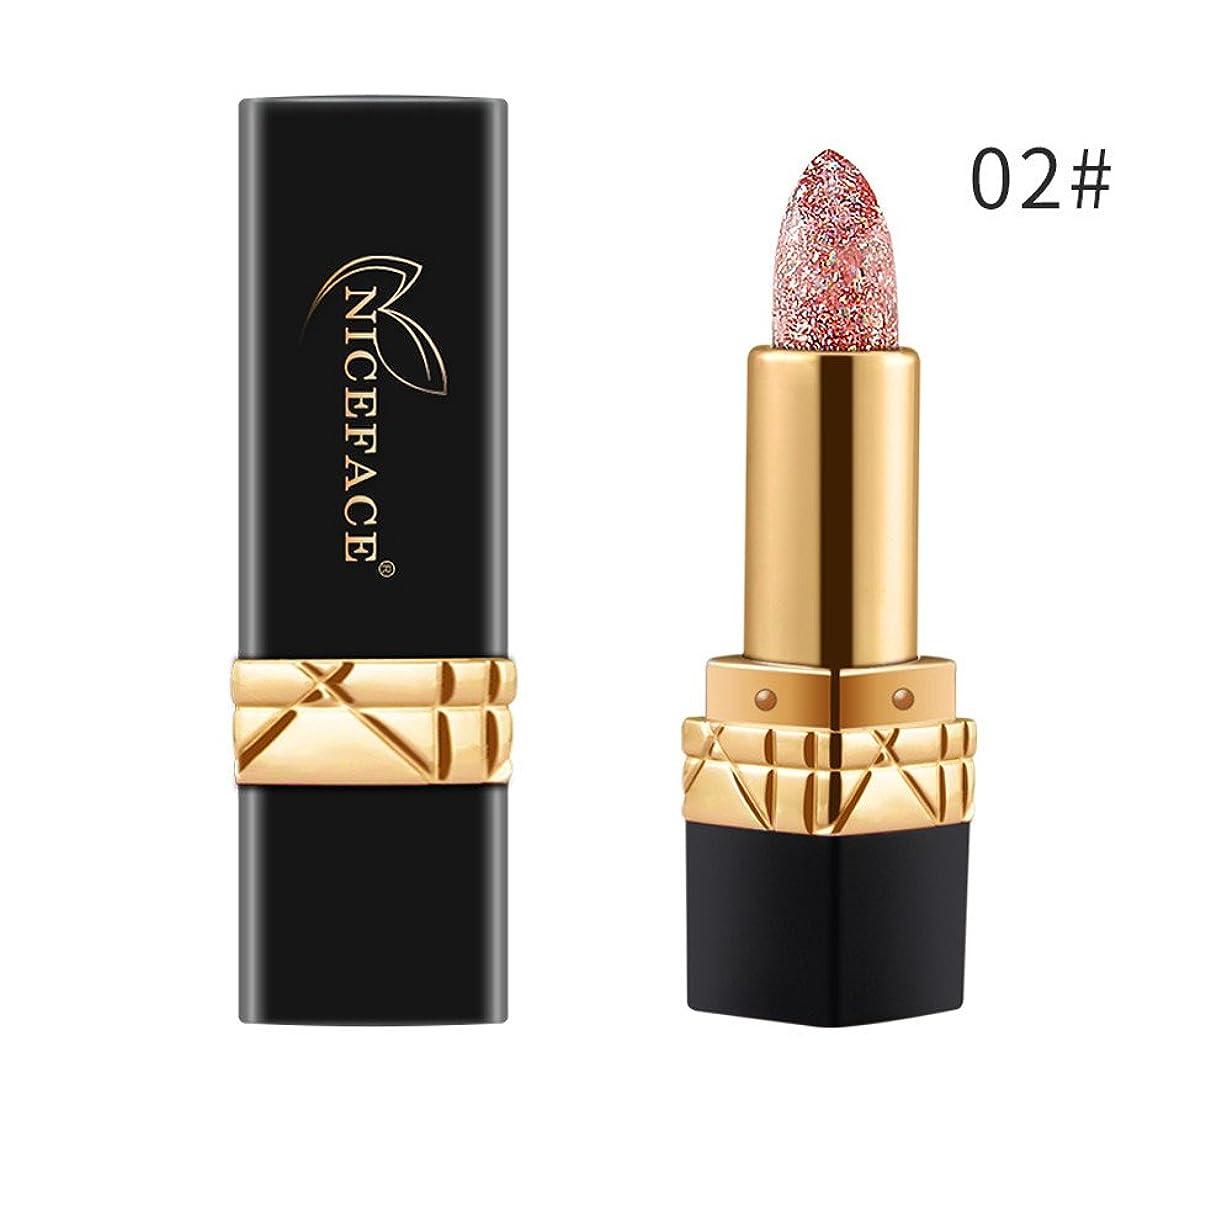 ゴールデン気取らない訴えるYOKINO リップグロス 唇用保湿クリーム 口紅 リップクリーム 色つき バレンタインデー プレゼント (B)